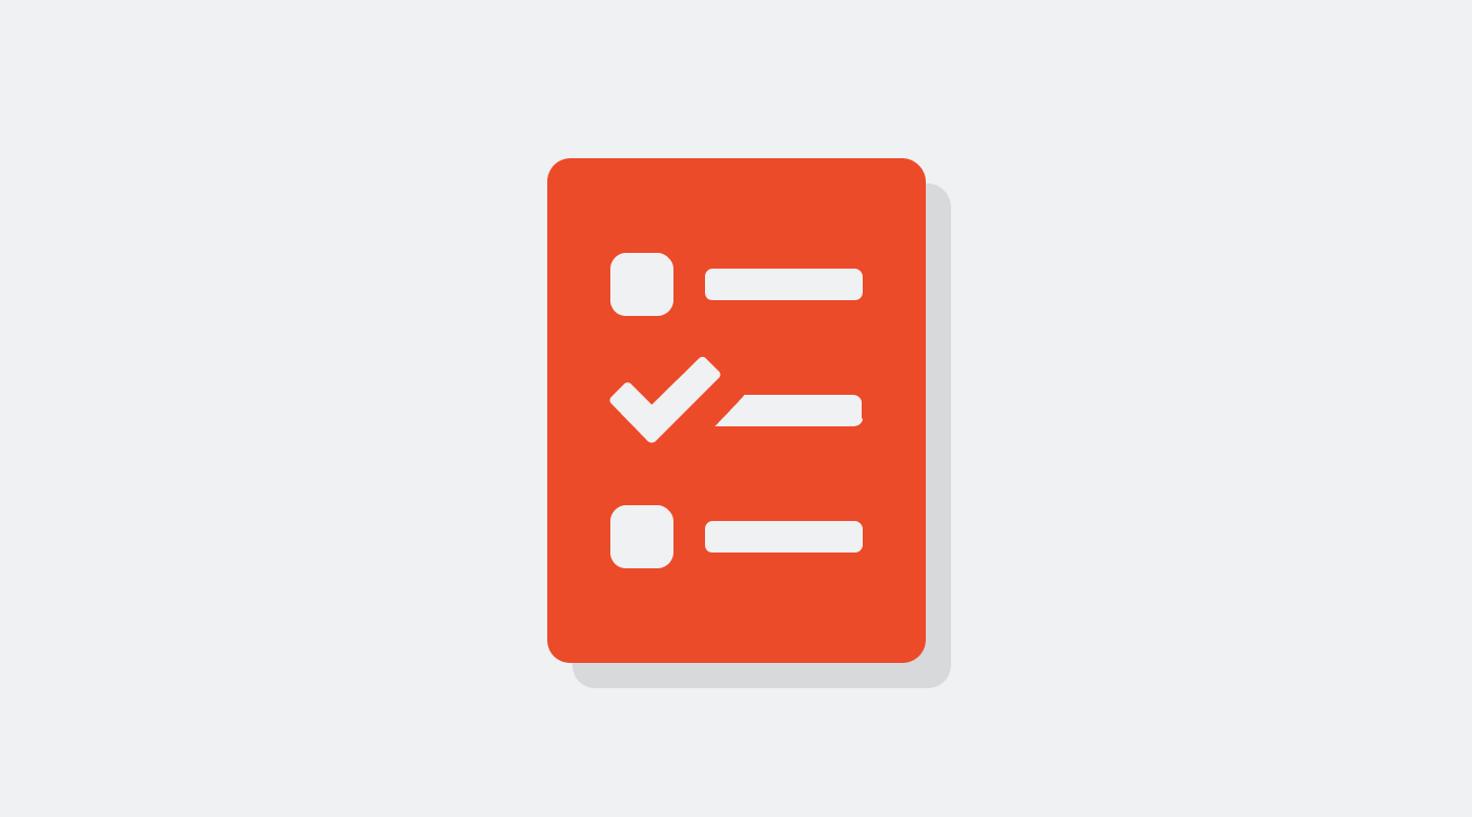 Orange icon of a checklist